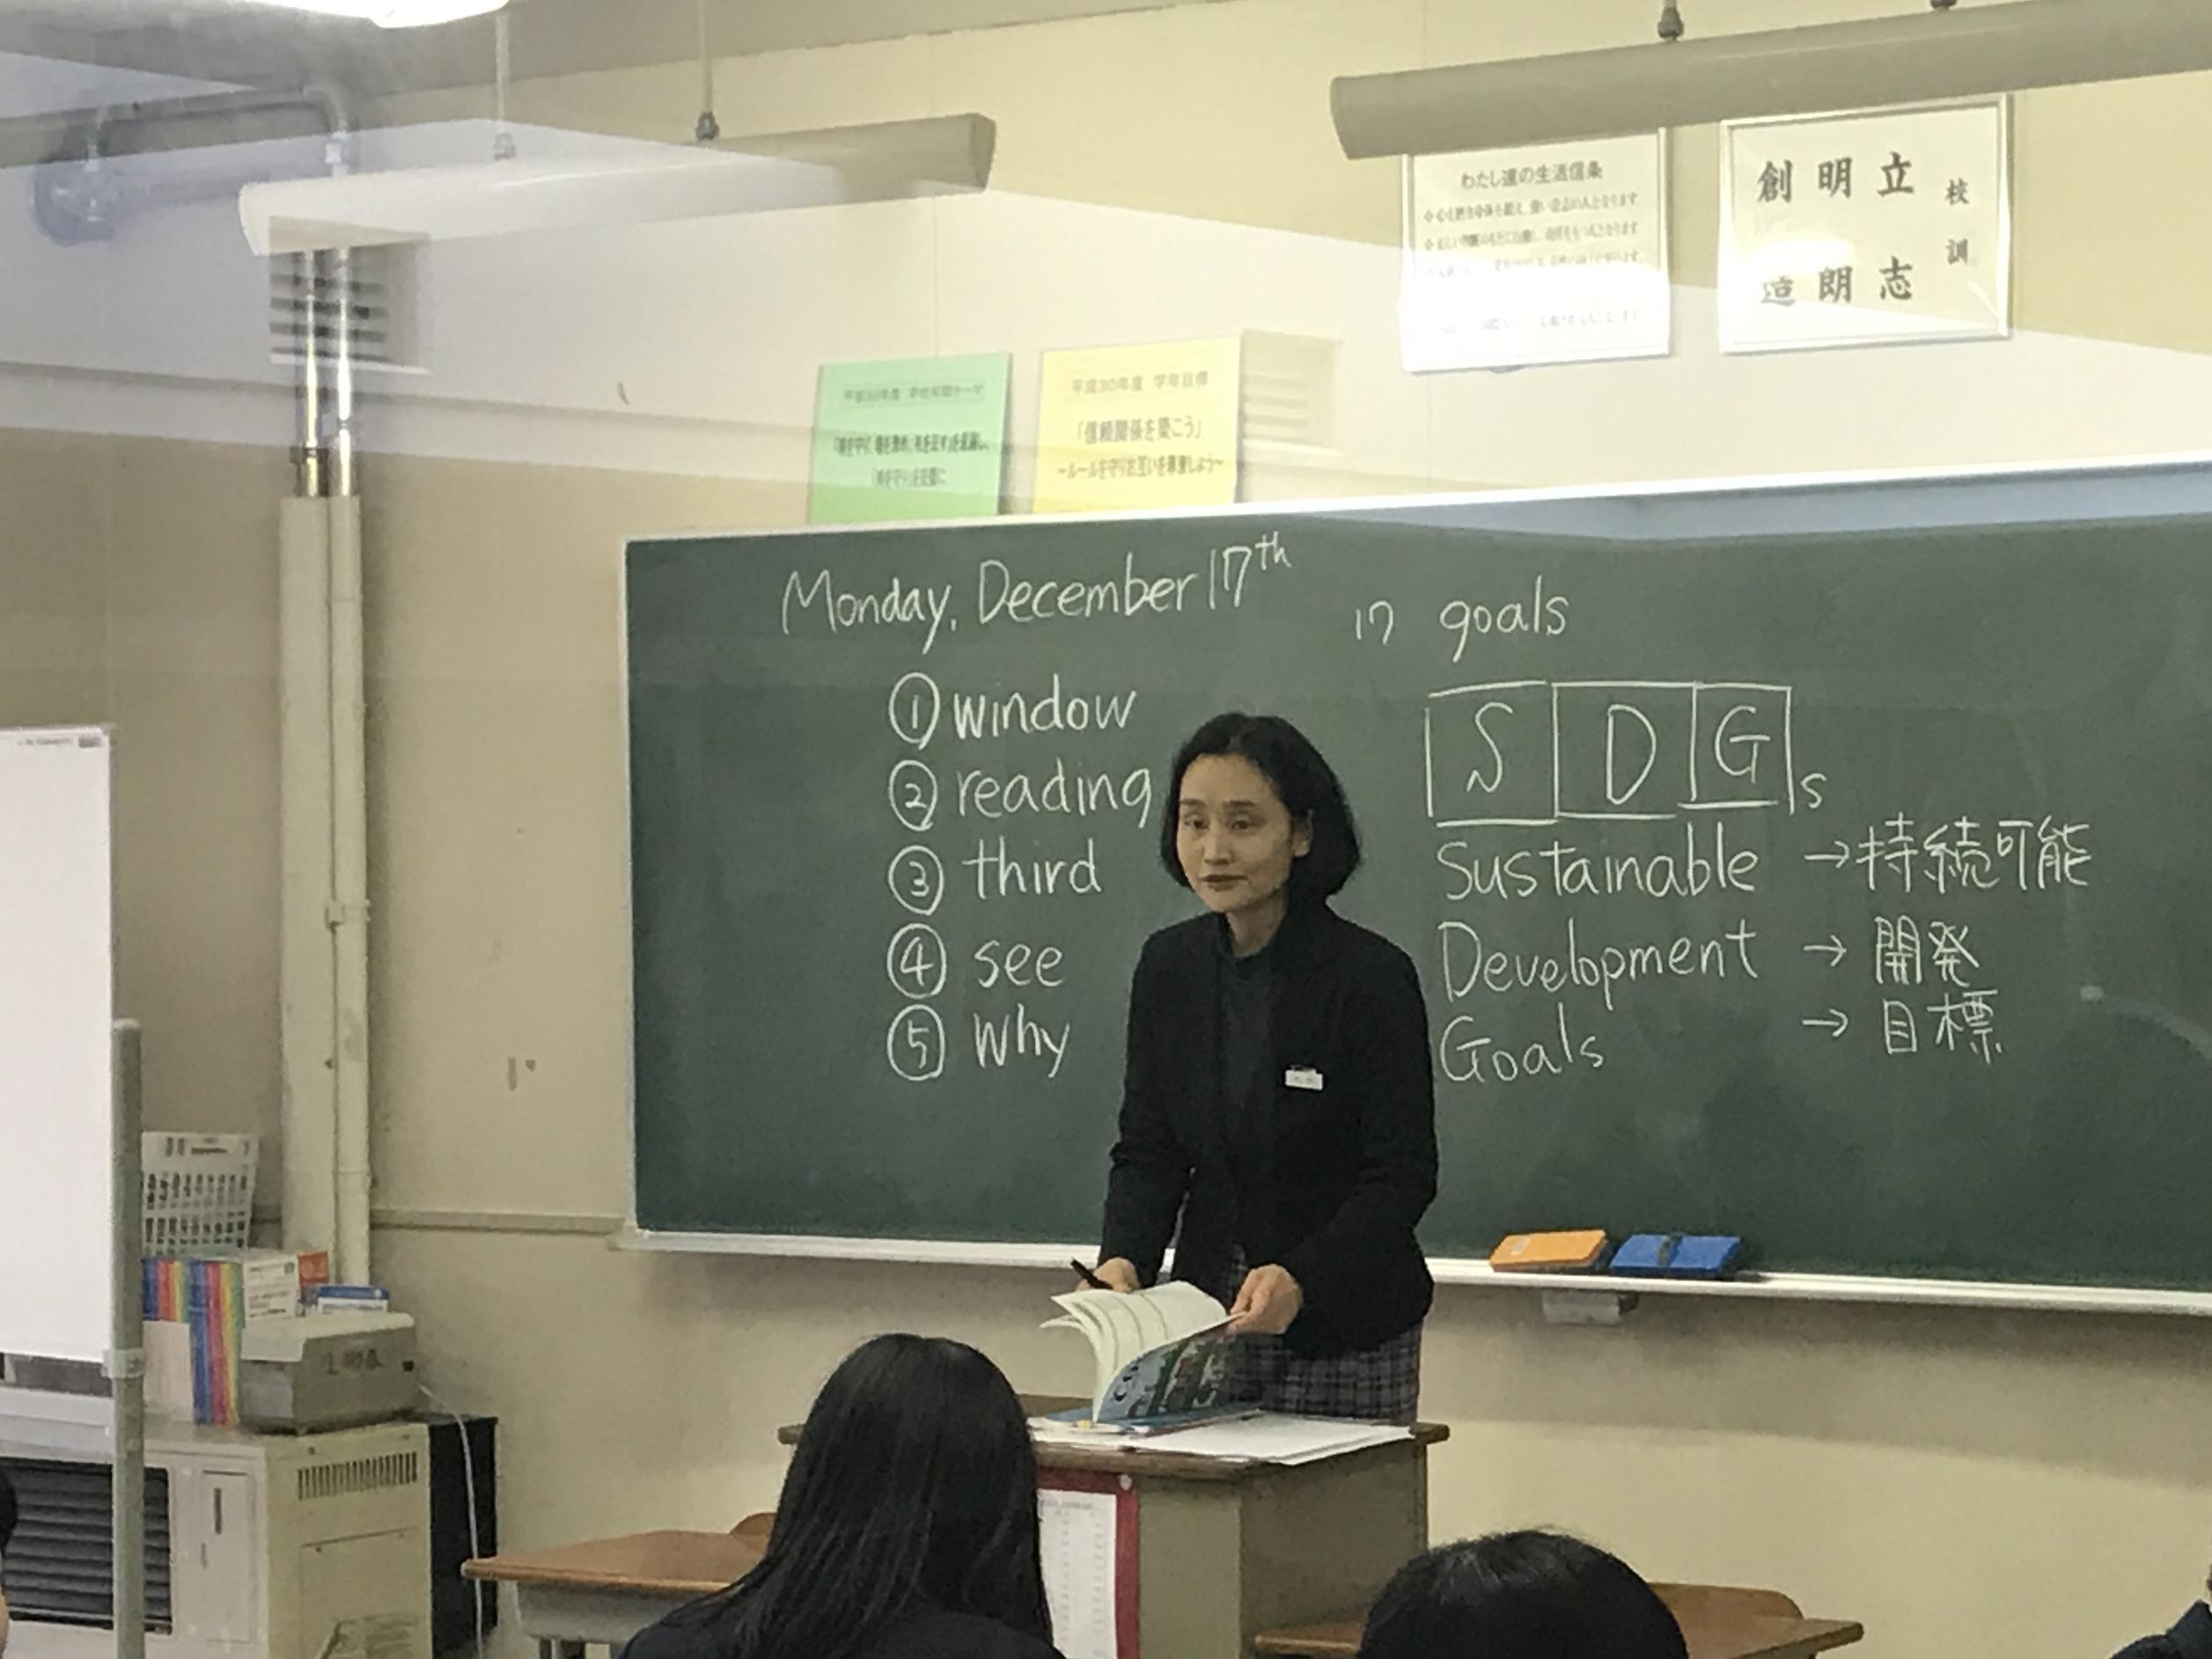 金沢工業大学が私立大学研究ブランディング事業シンポジウムを開催。~「科学技術者倫理」をキーワードとした高校と大学、社会の接続~